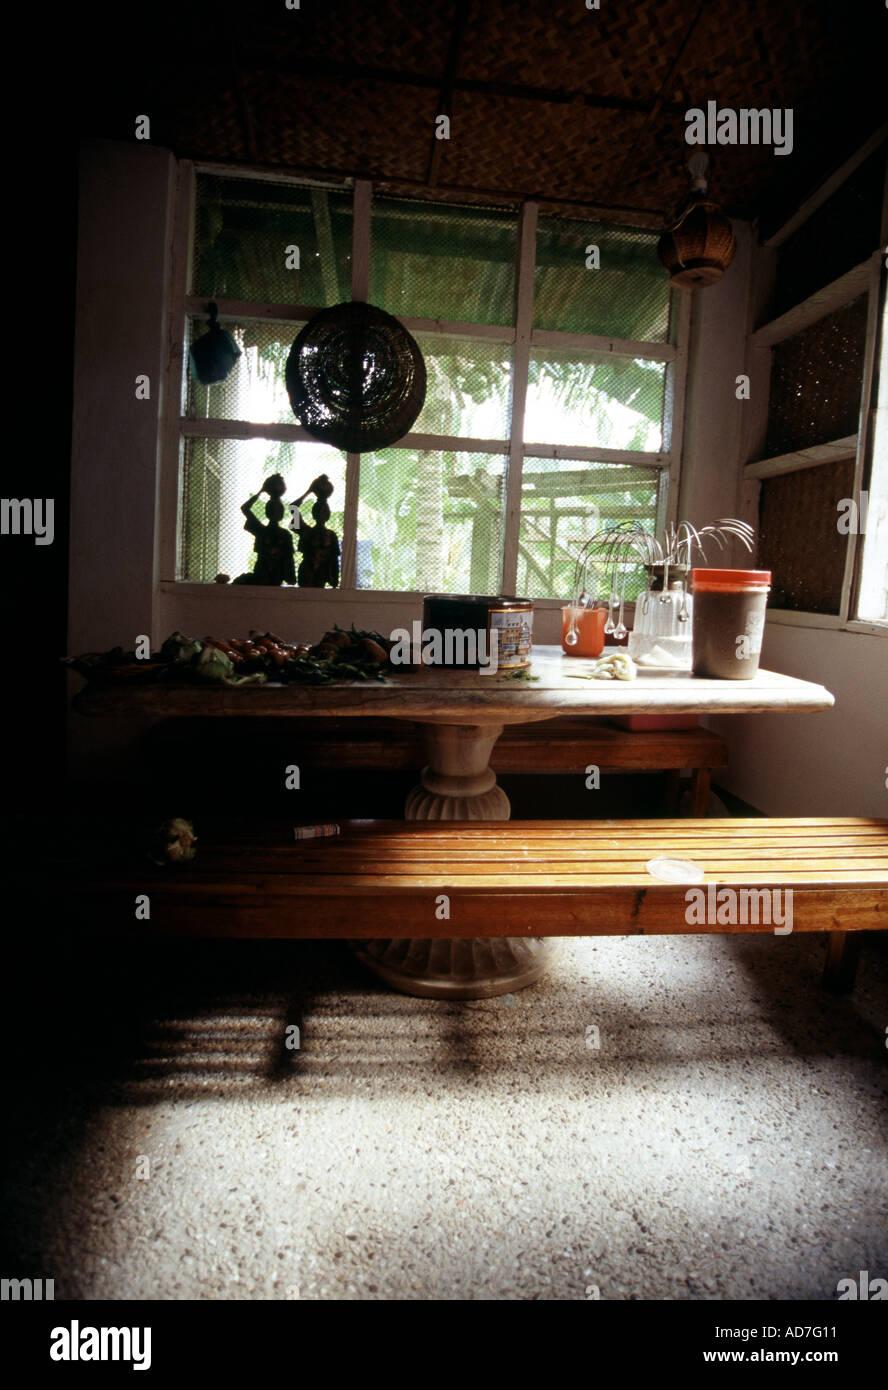 Charmant Küche Designs Bilder Philippinen Galerie - Küche Set Ideen ...